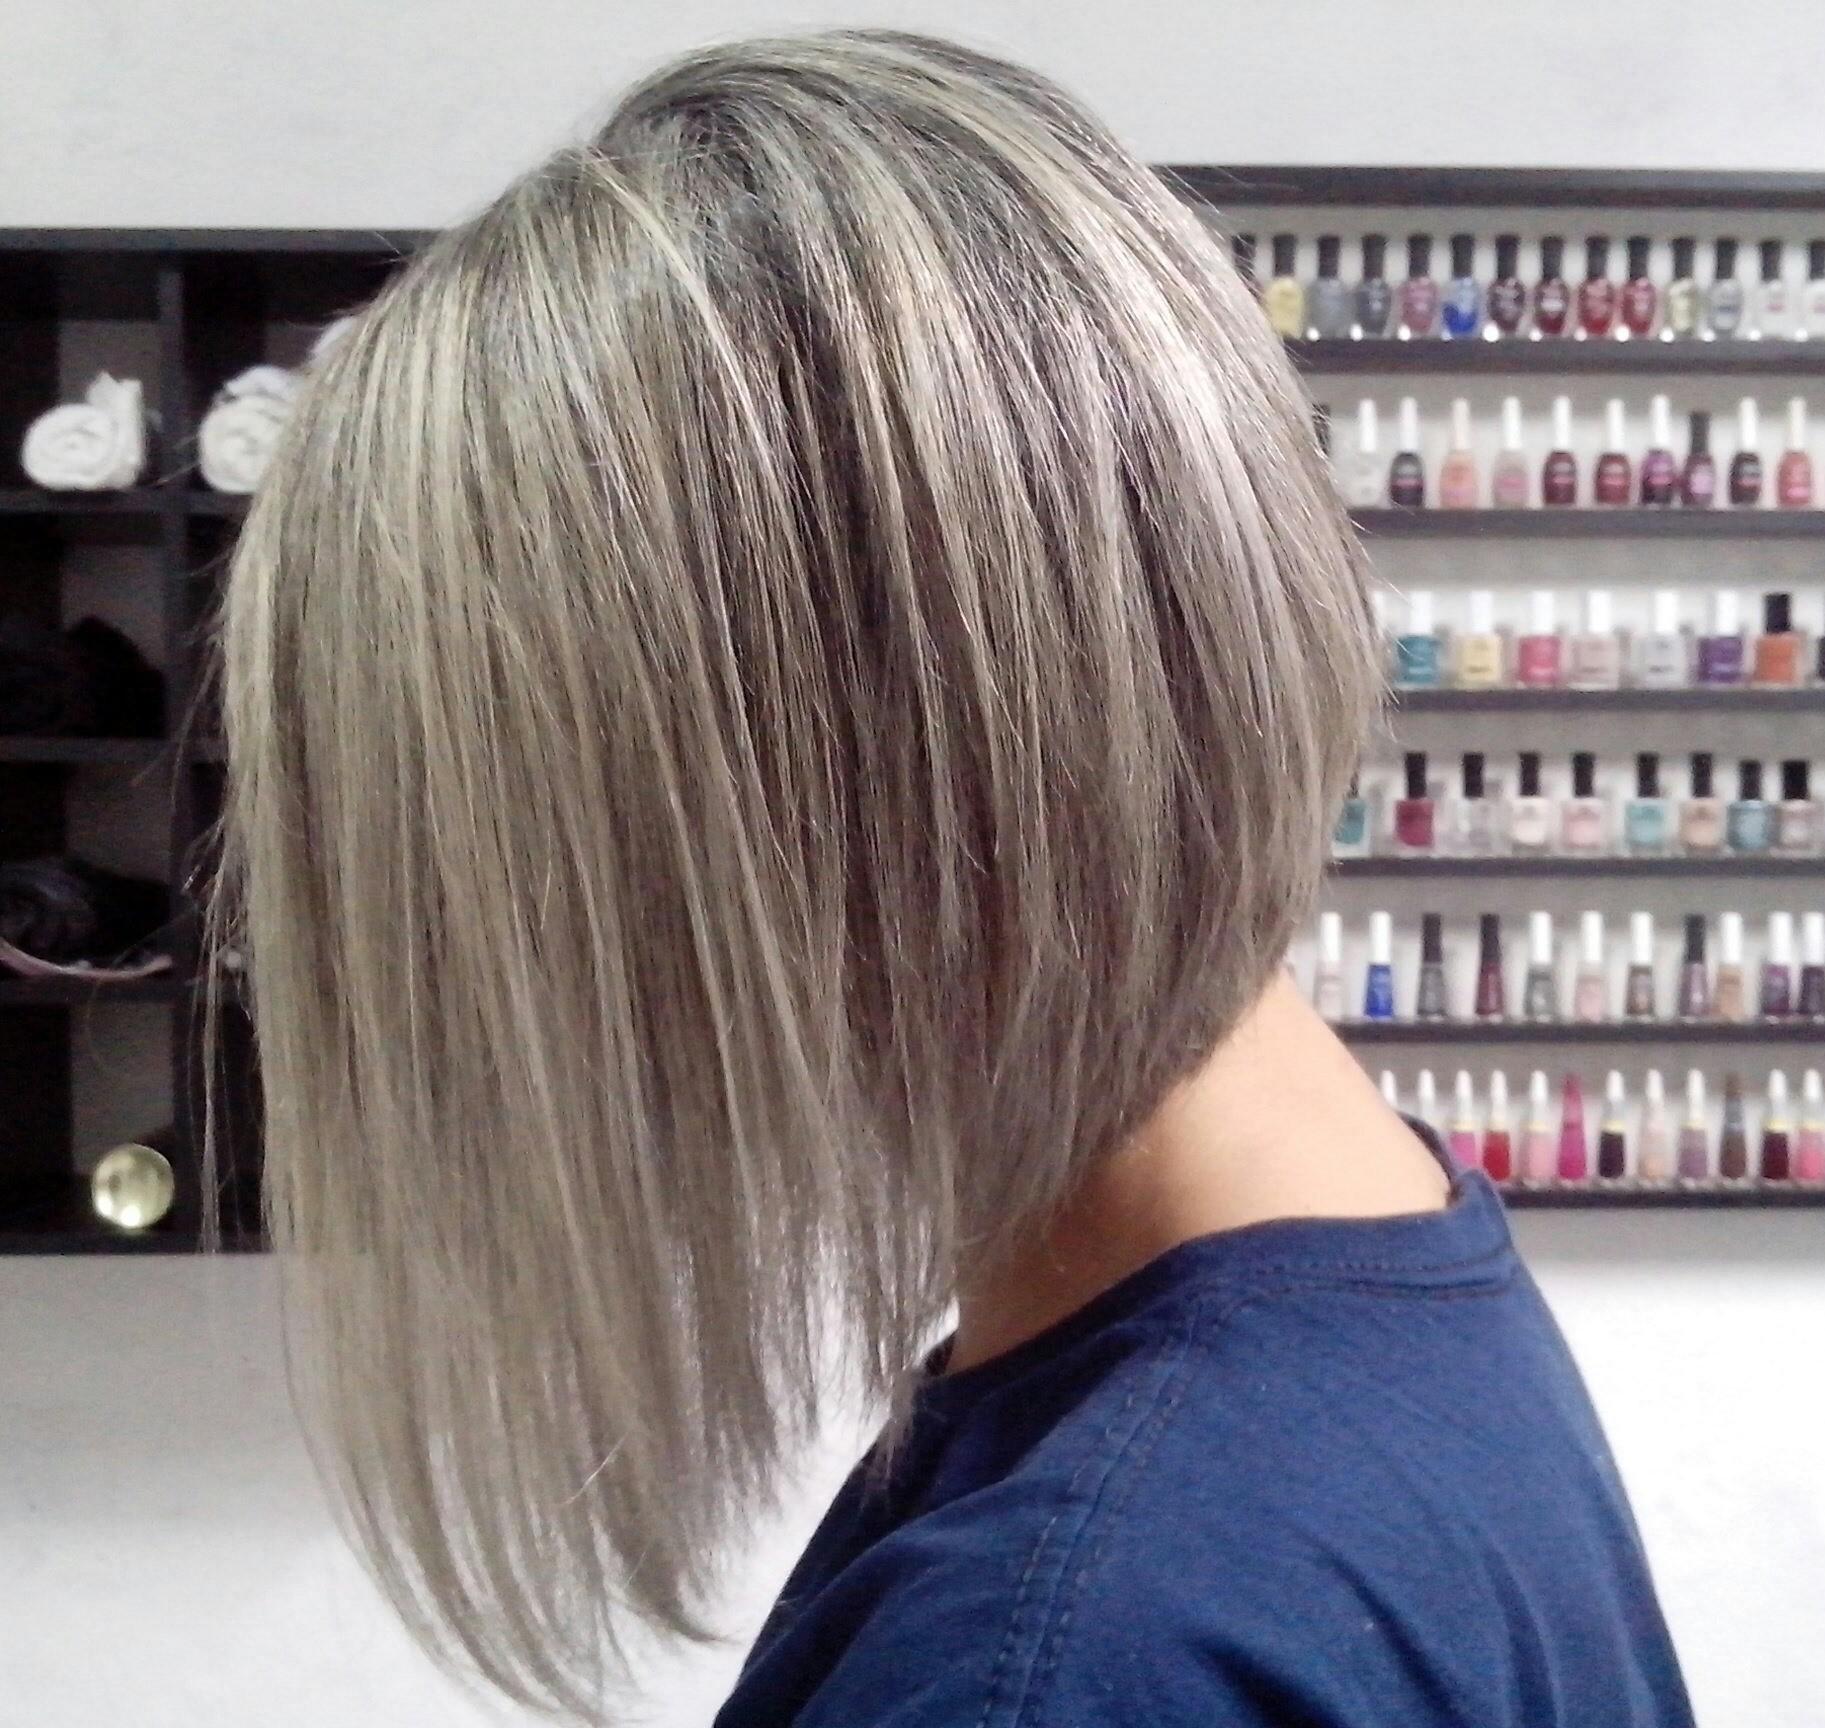 corte cabelo cabeleireiro(a) auxiliar cabeleireiro(a) maquiador(a) manicure e pedicure designer de sobrancelhas